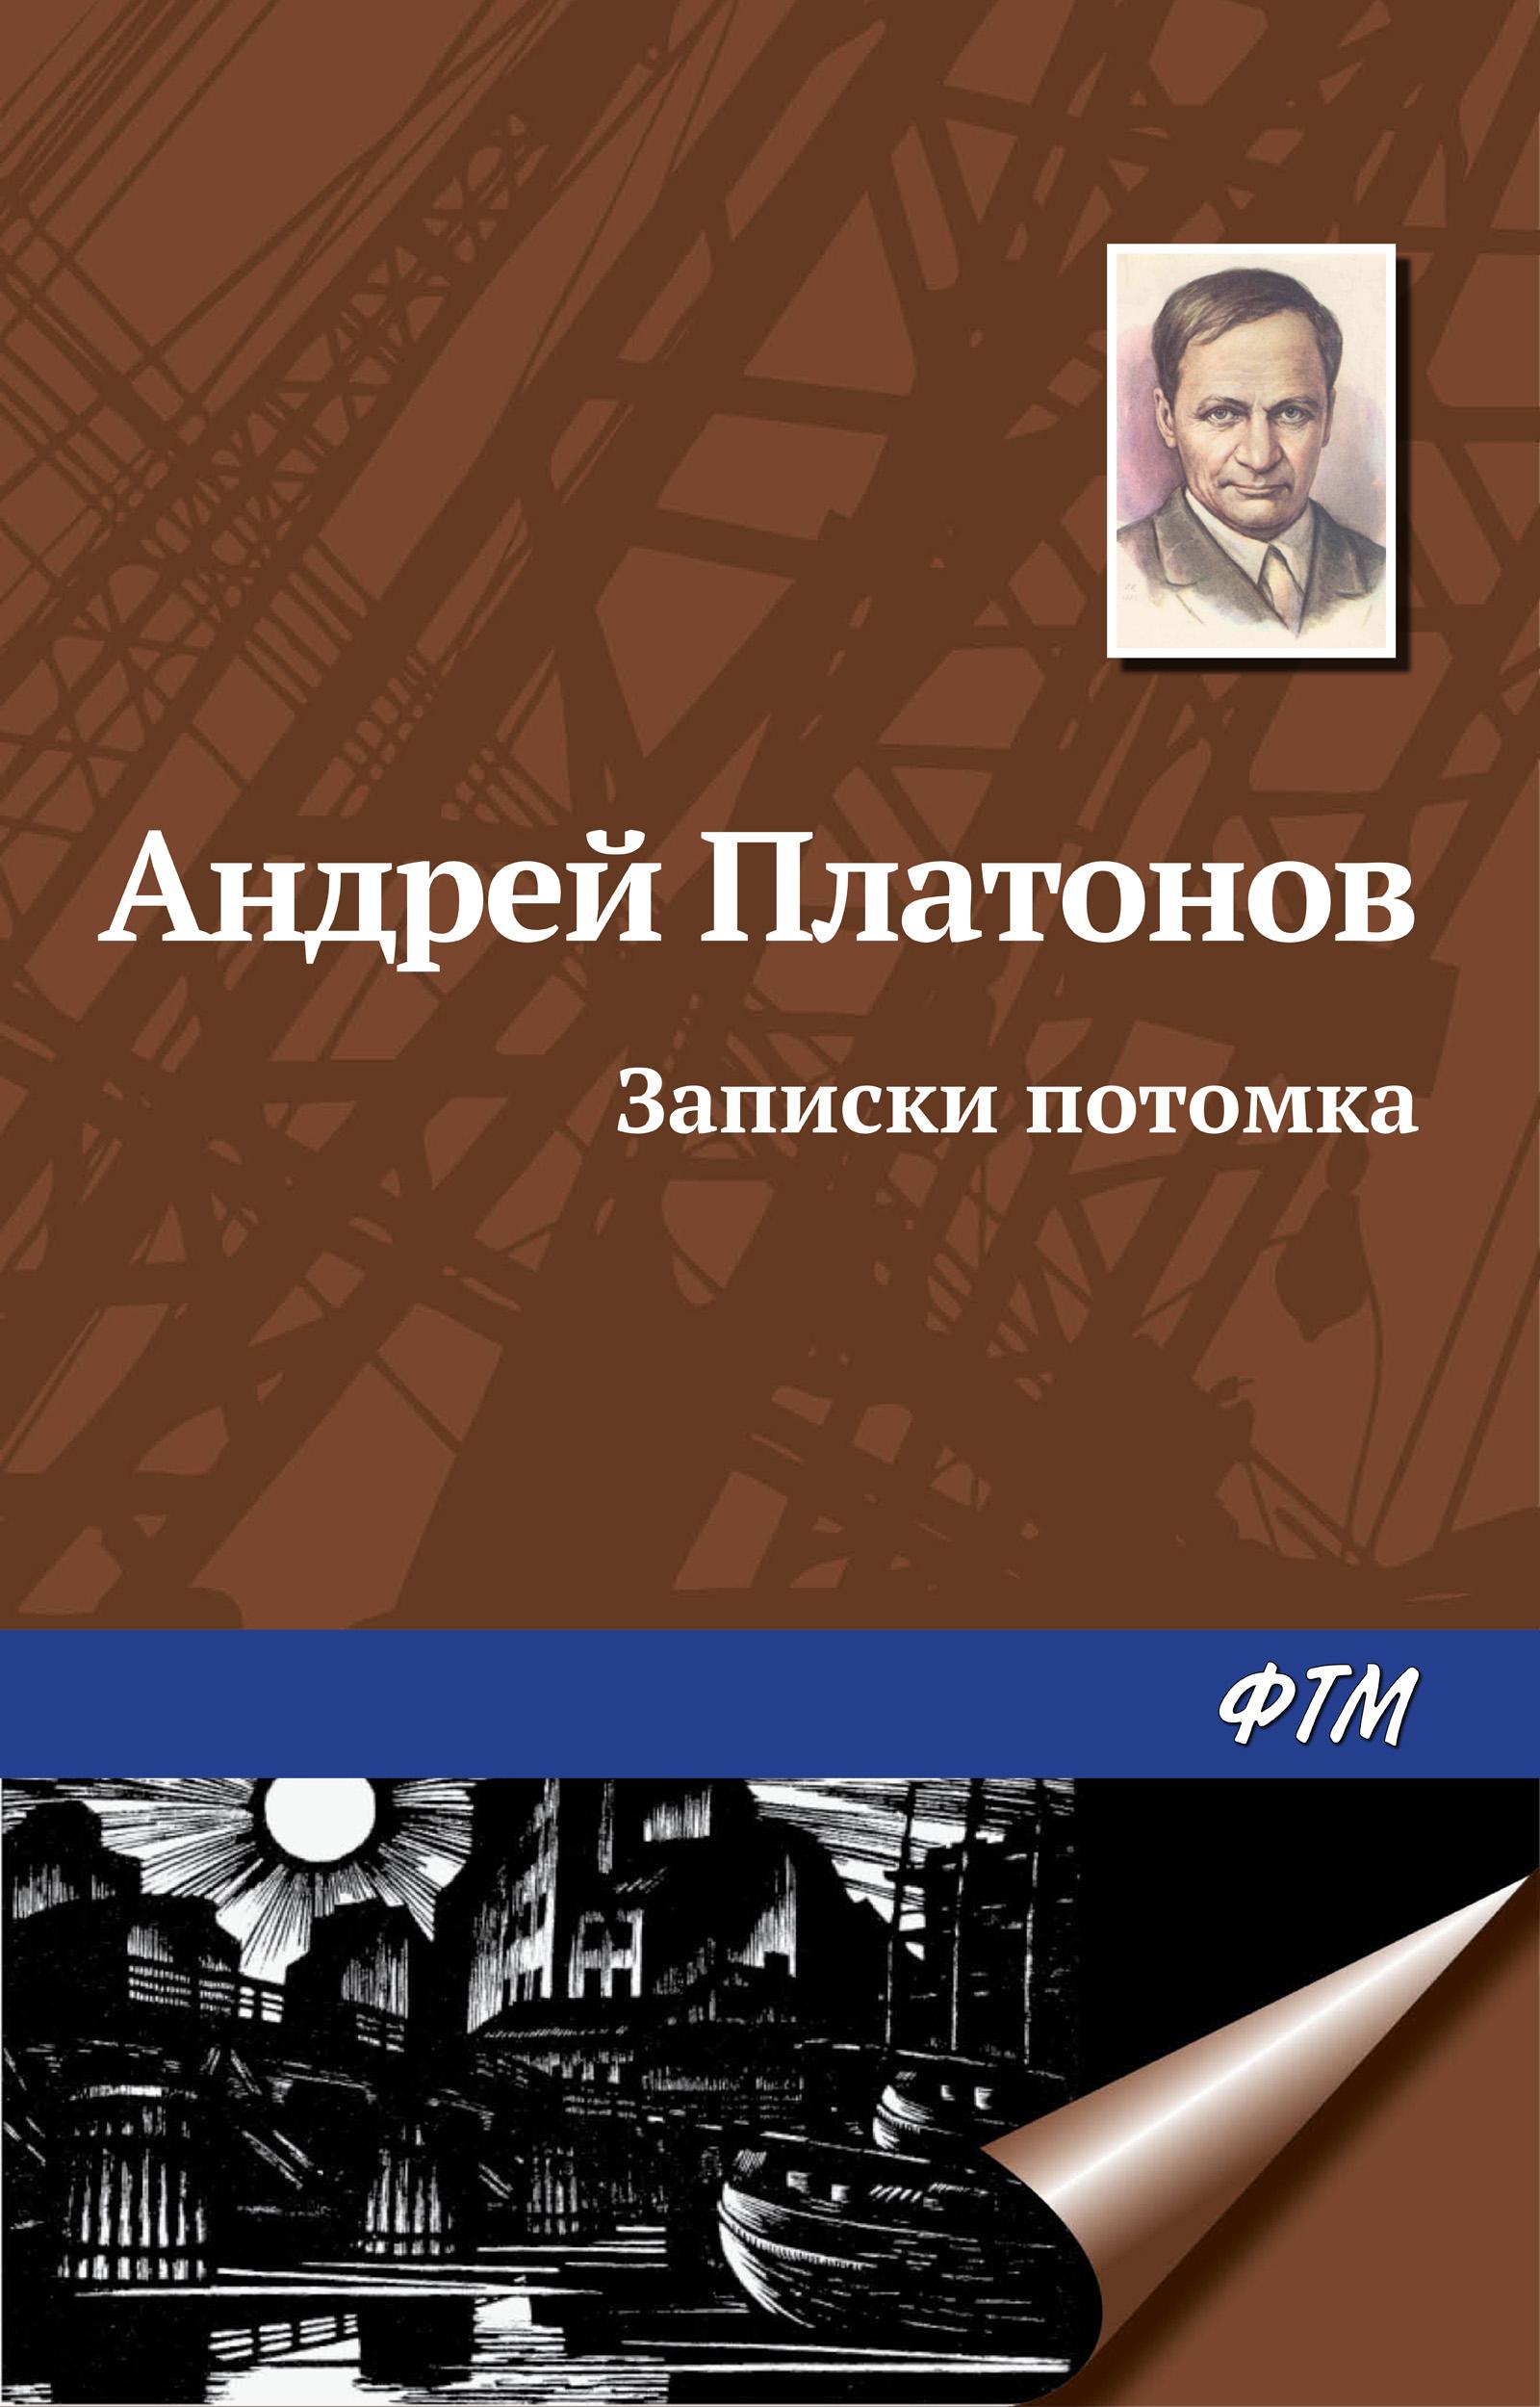 Андрей Платонов Записки потомка молева нина михайловна эта долгая дорога через хх век жизнь и творчество элия белютина